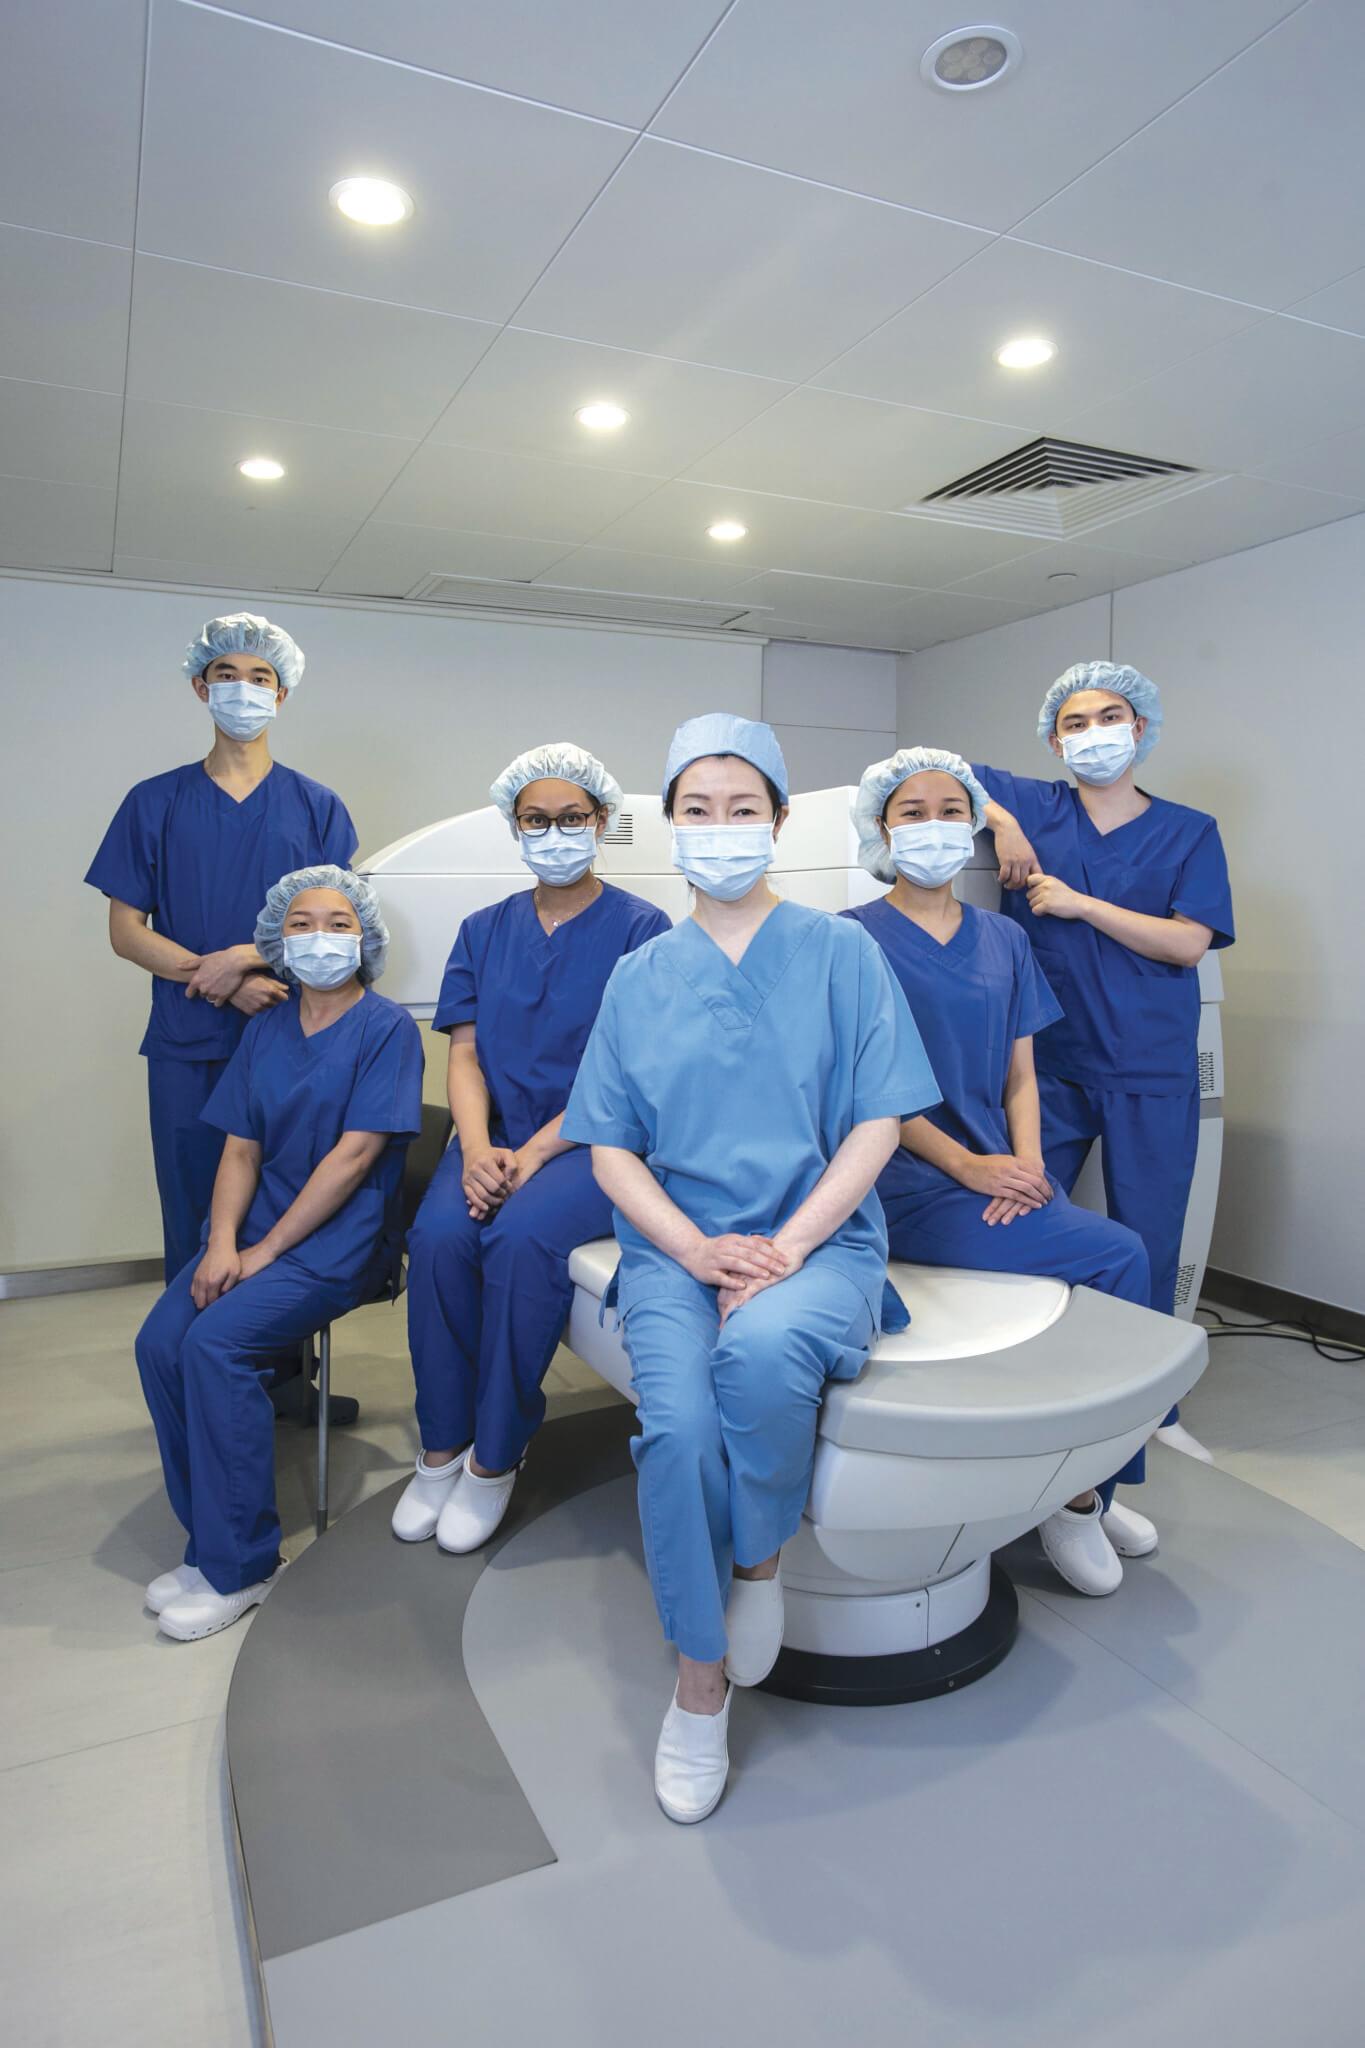 專業的眼科專科醫生、視光師和護士團隊為客人提供以客為尊的卓越眼科服務。